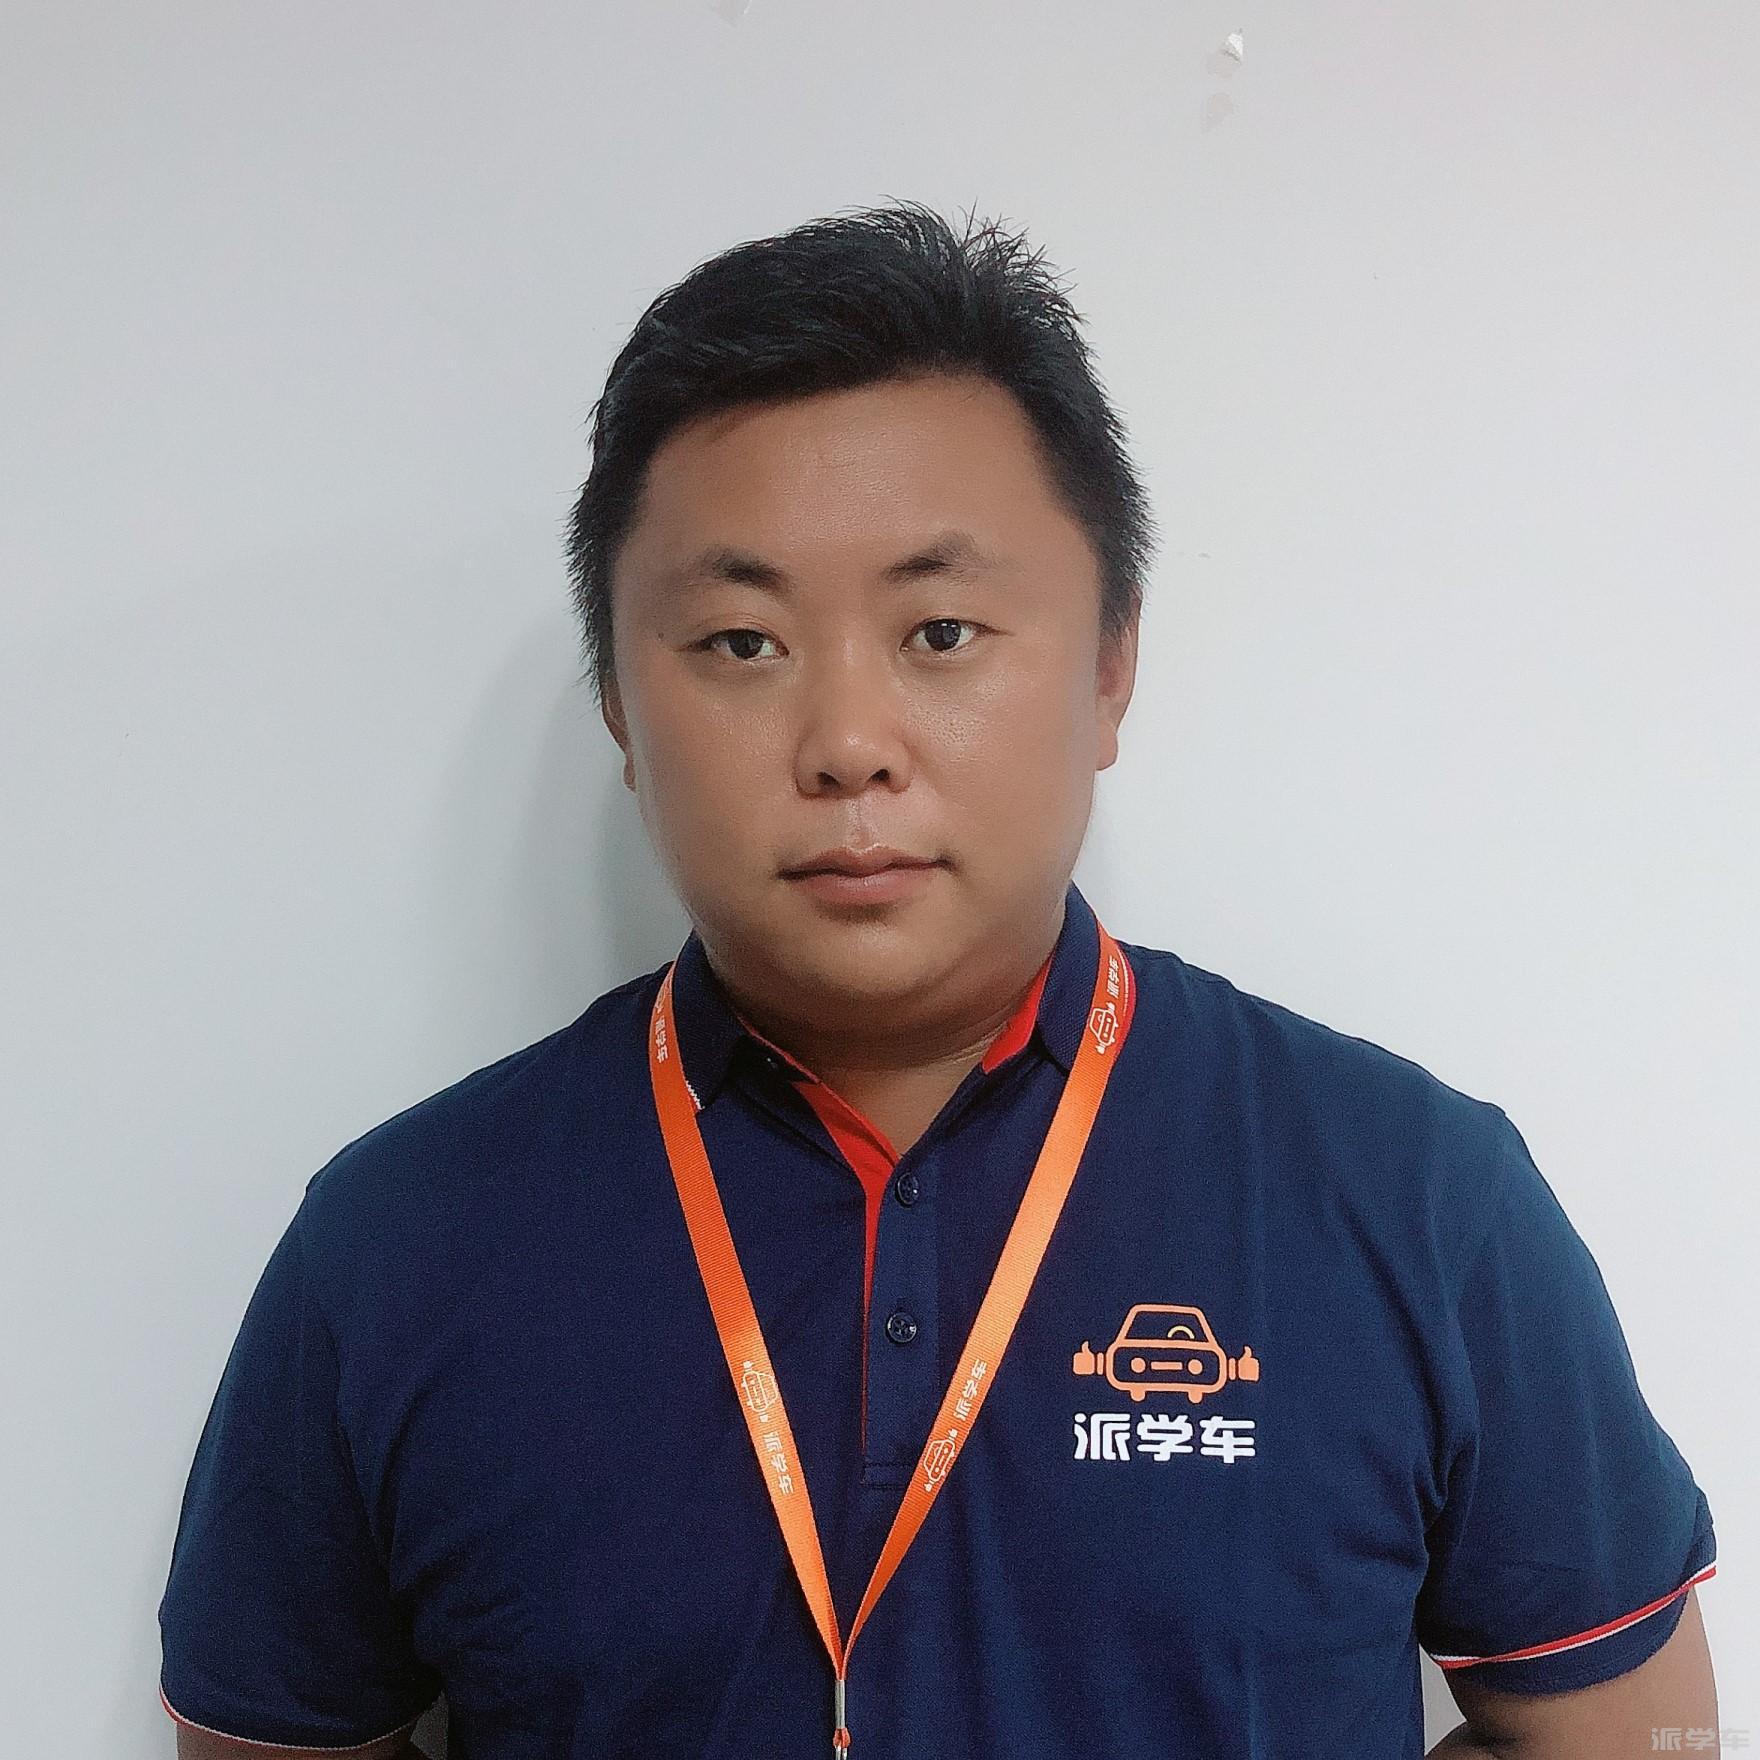 教练李晶磊